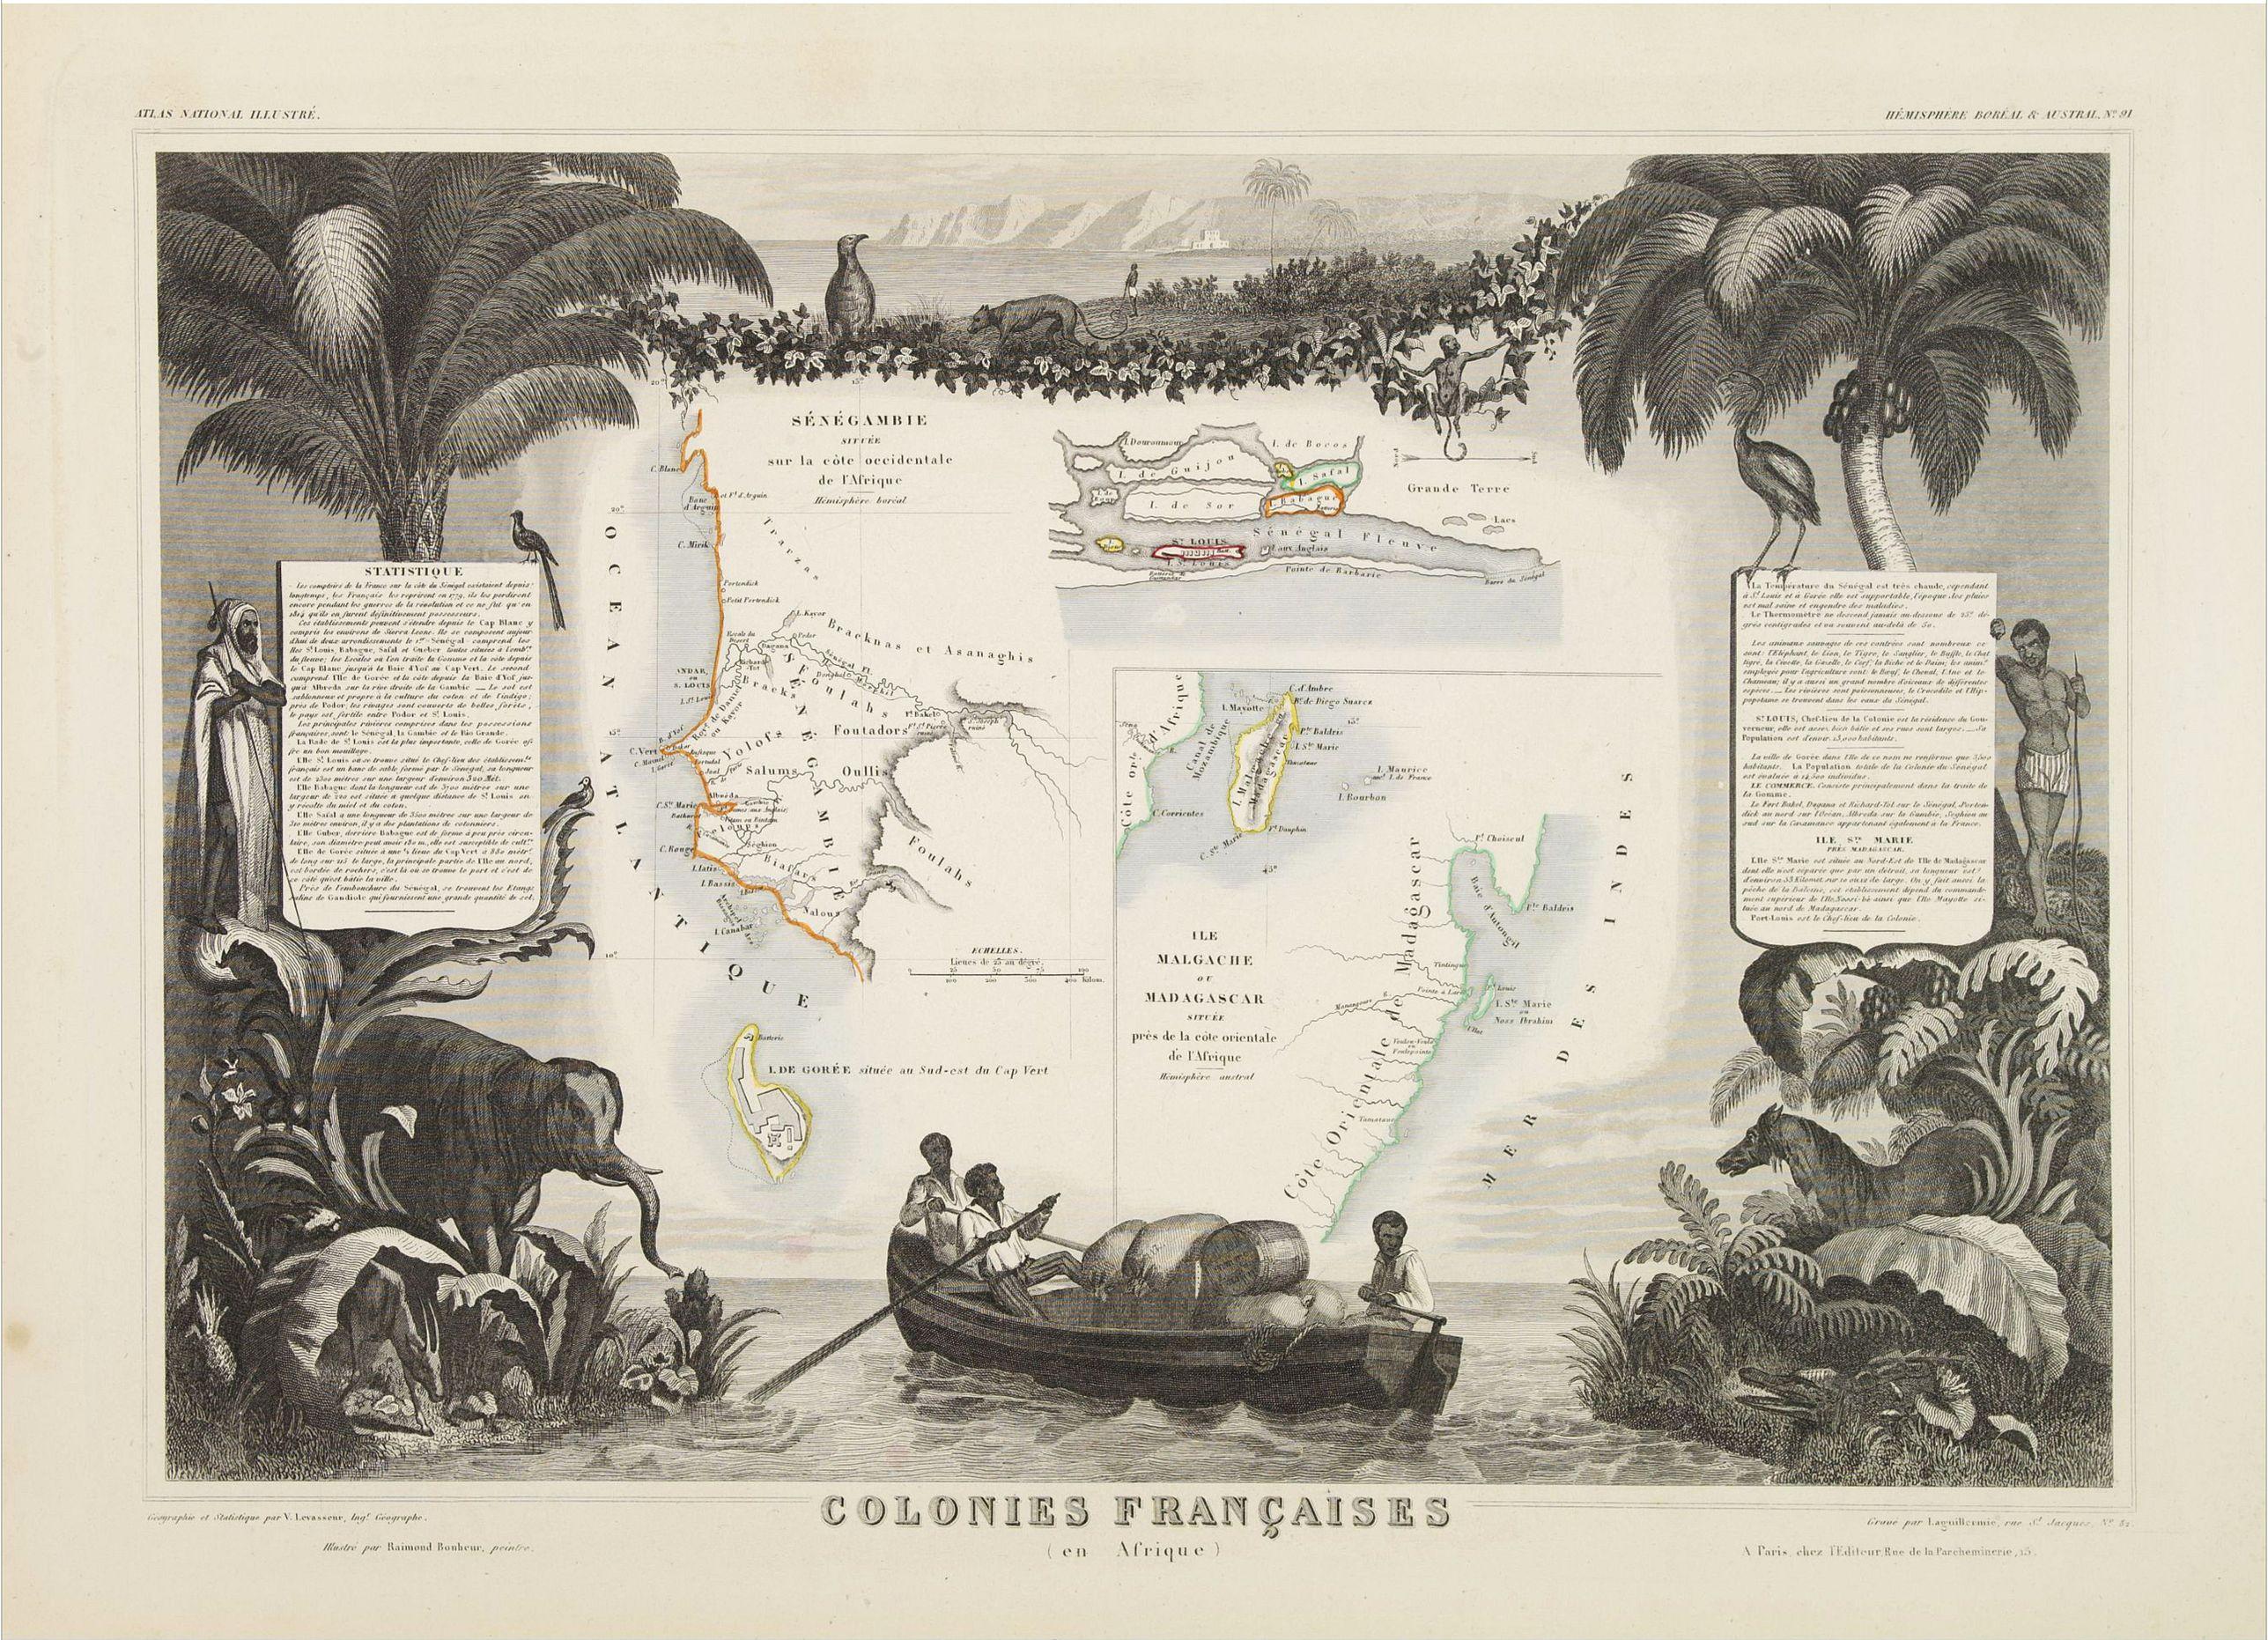 LEVASSEUR, V. -  Colonies Françaises (en Afrique.)